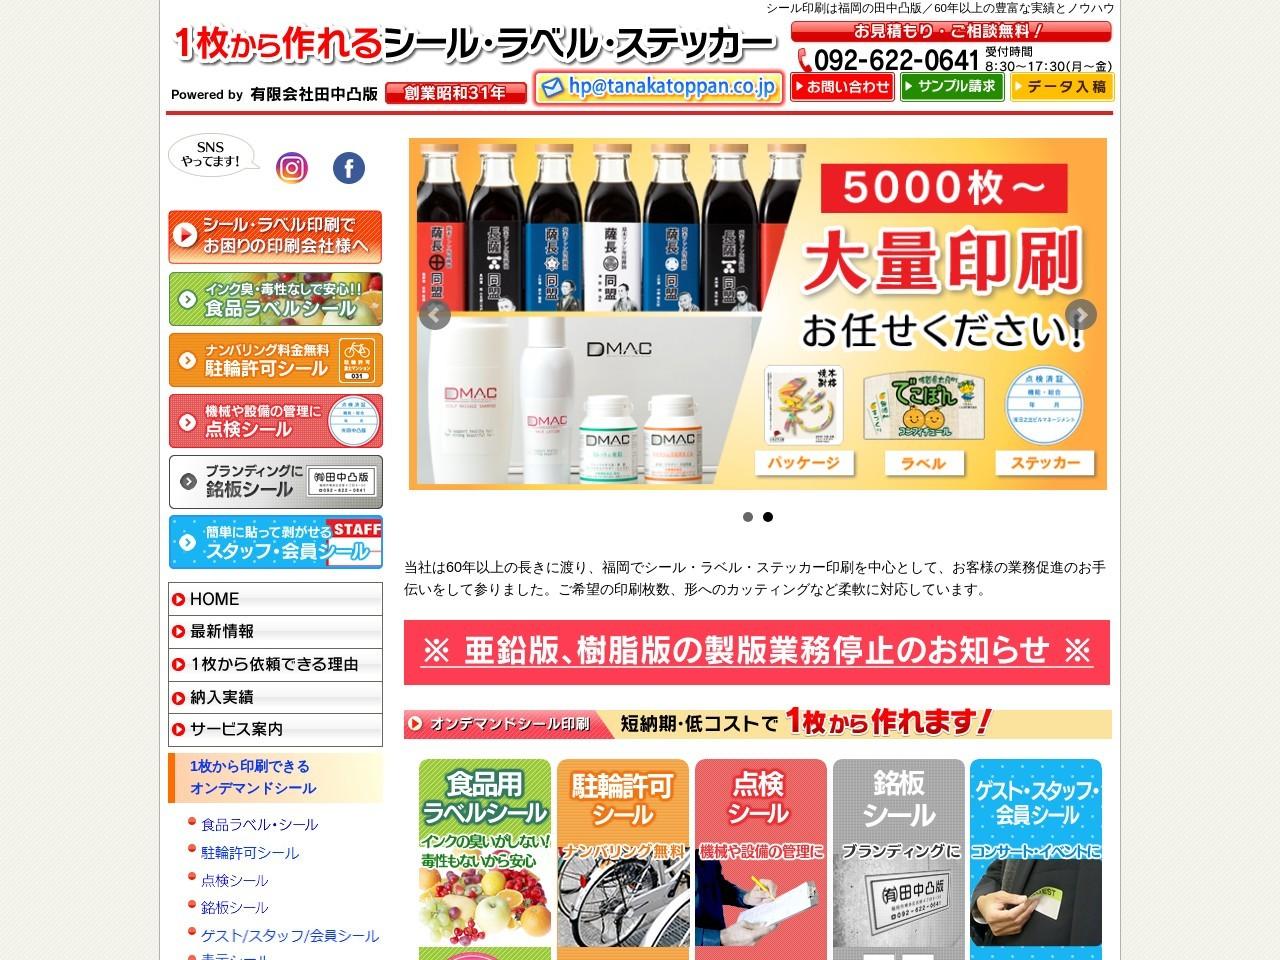 シール印刷 福岡|シール・ステッカー/樹脂版・亜鉛凸版 専門の田中凸版